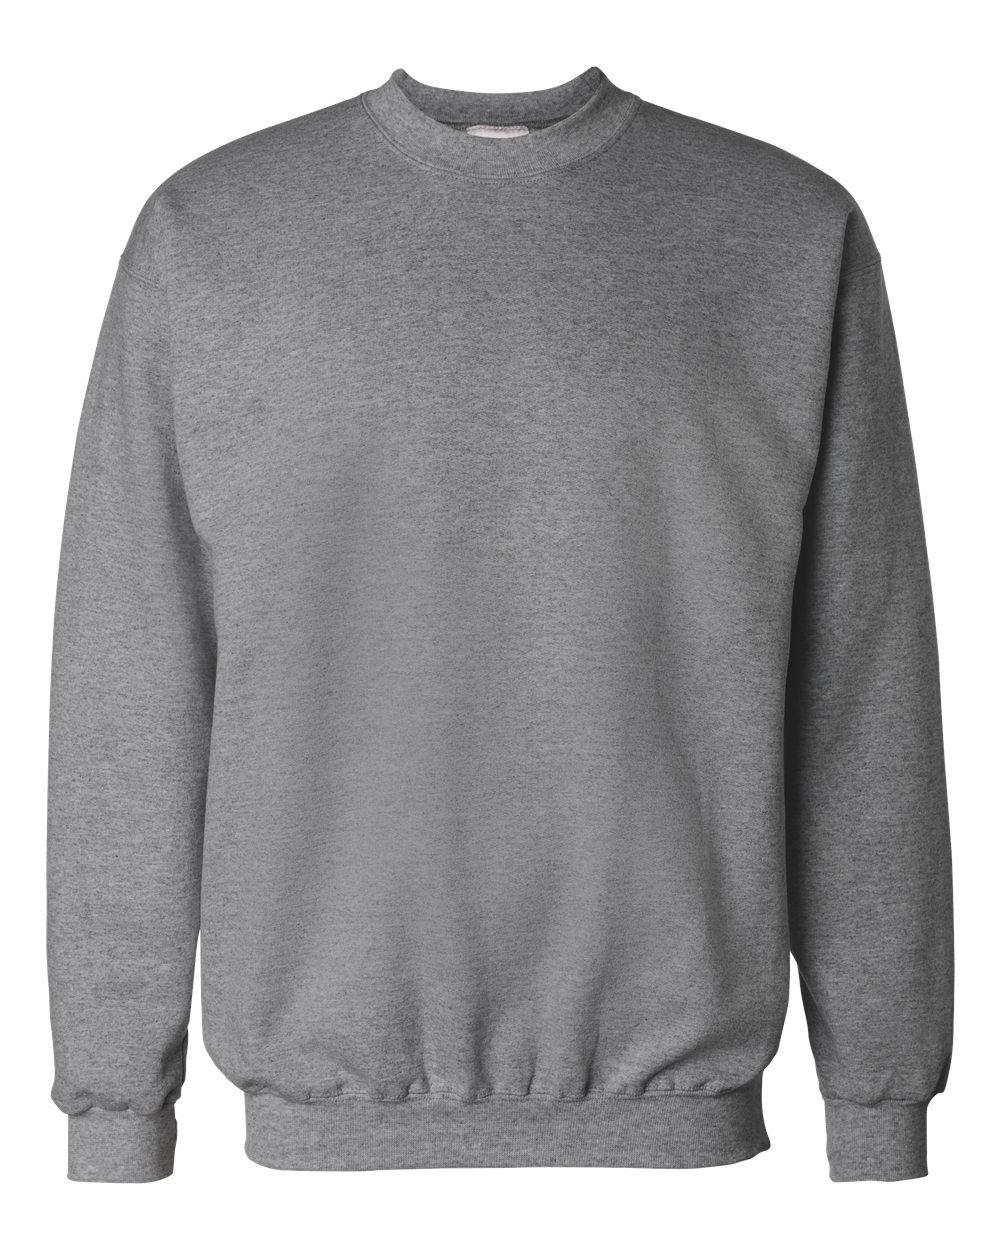 Hanes Men's Ultimate Cotton Fleece Crew Sweater, Oxford Gray, 2XL US by Hanes